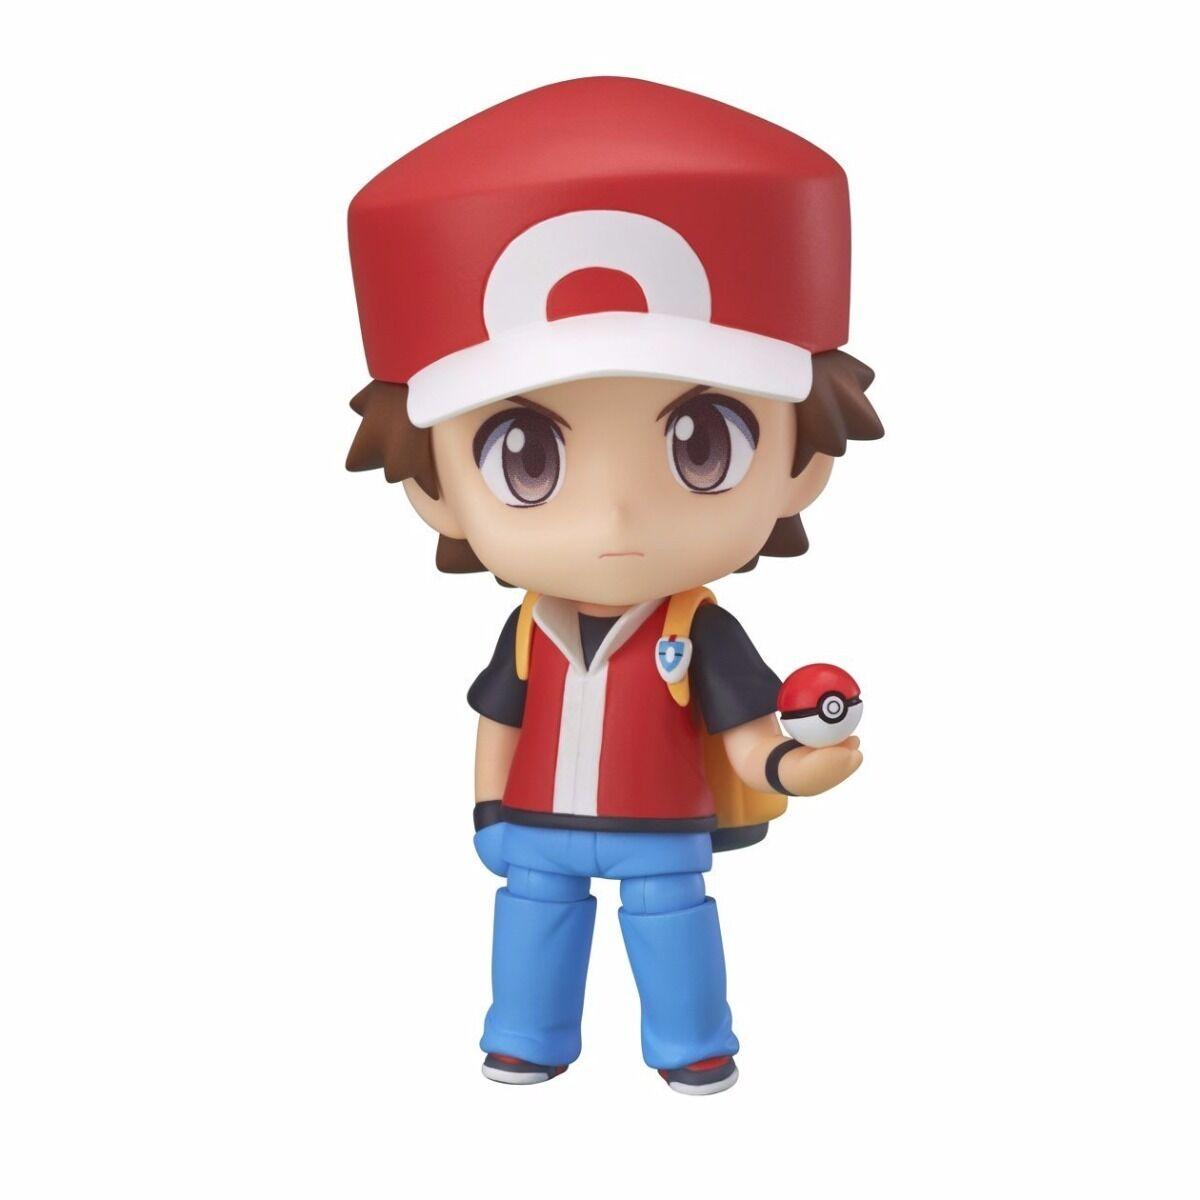 NendGoldid 425 Pokemon rot Figura Nueva de Japón